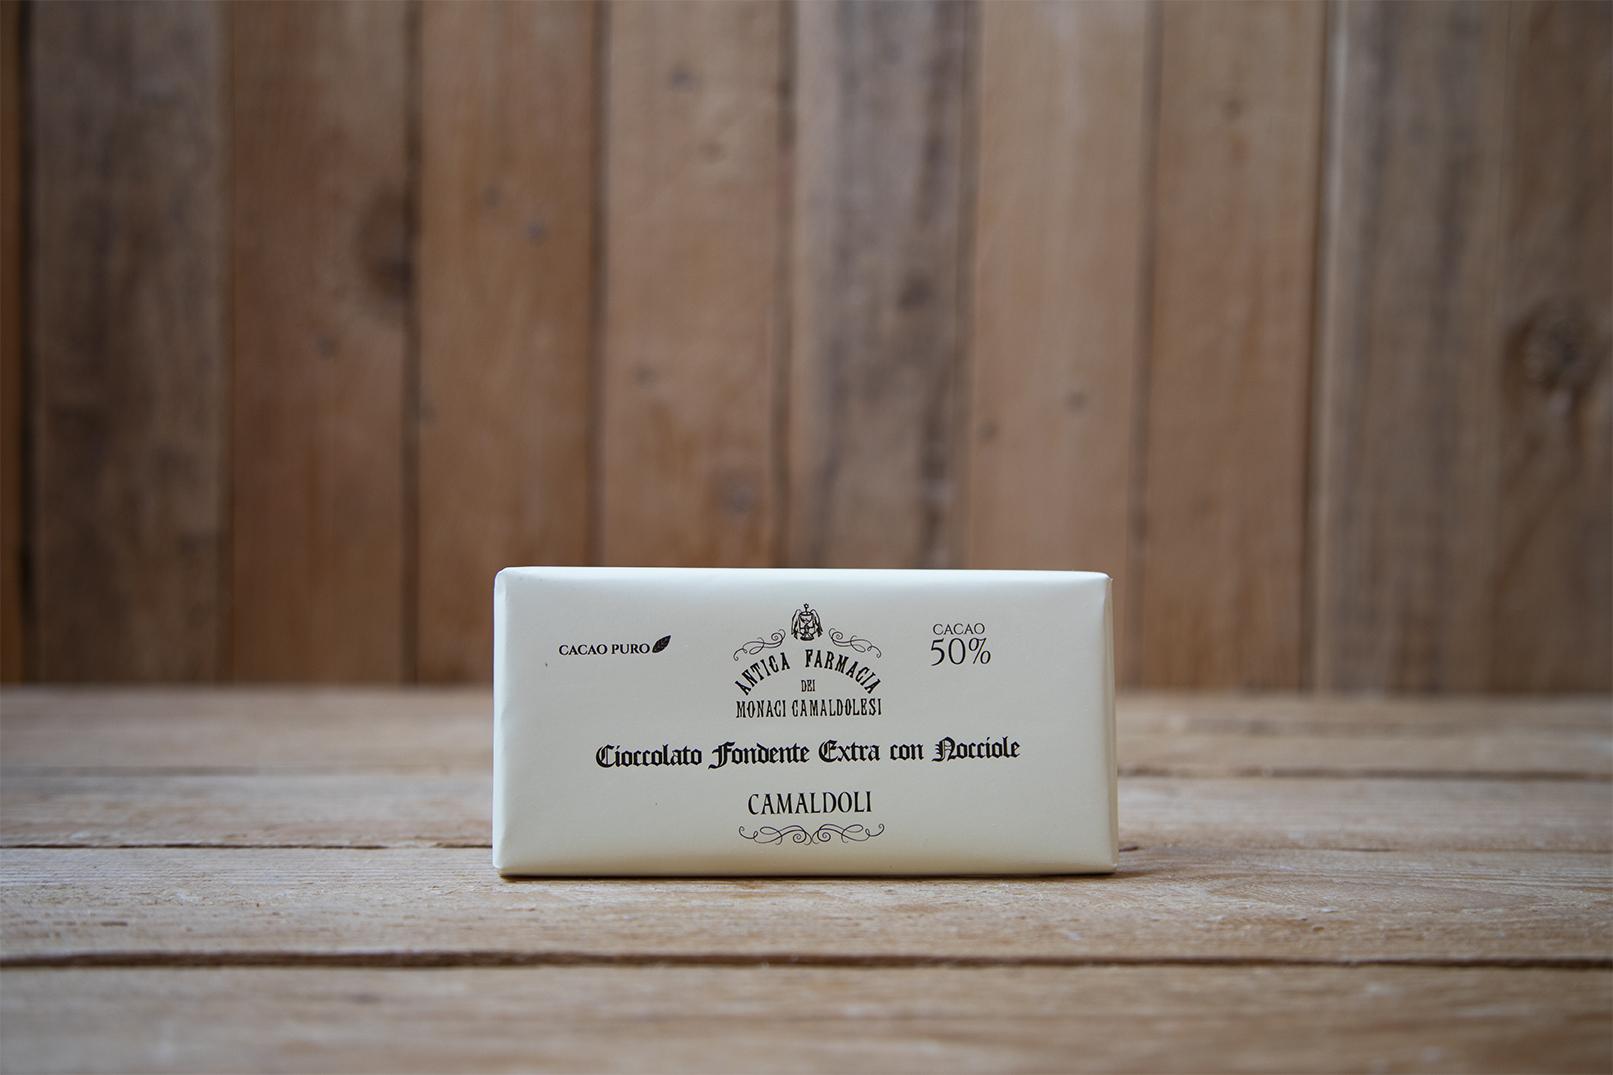 Cioccolato fondente 50% con nocciole tritate